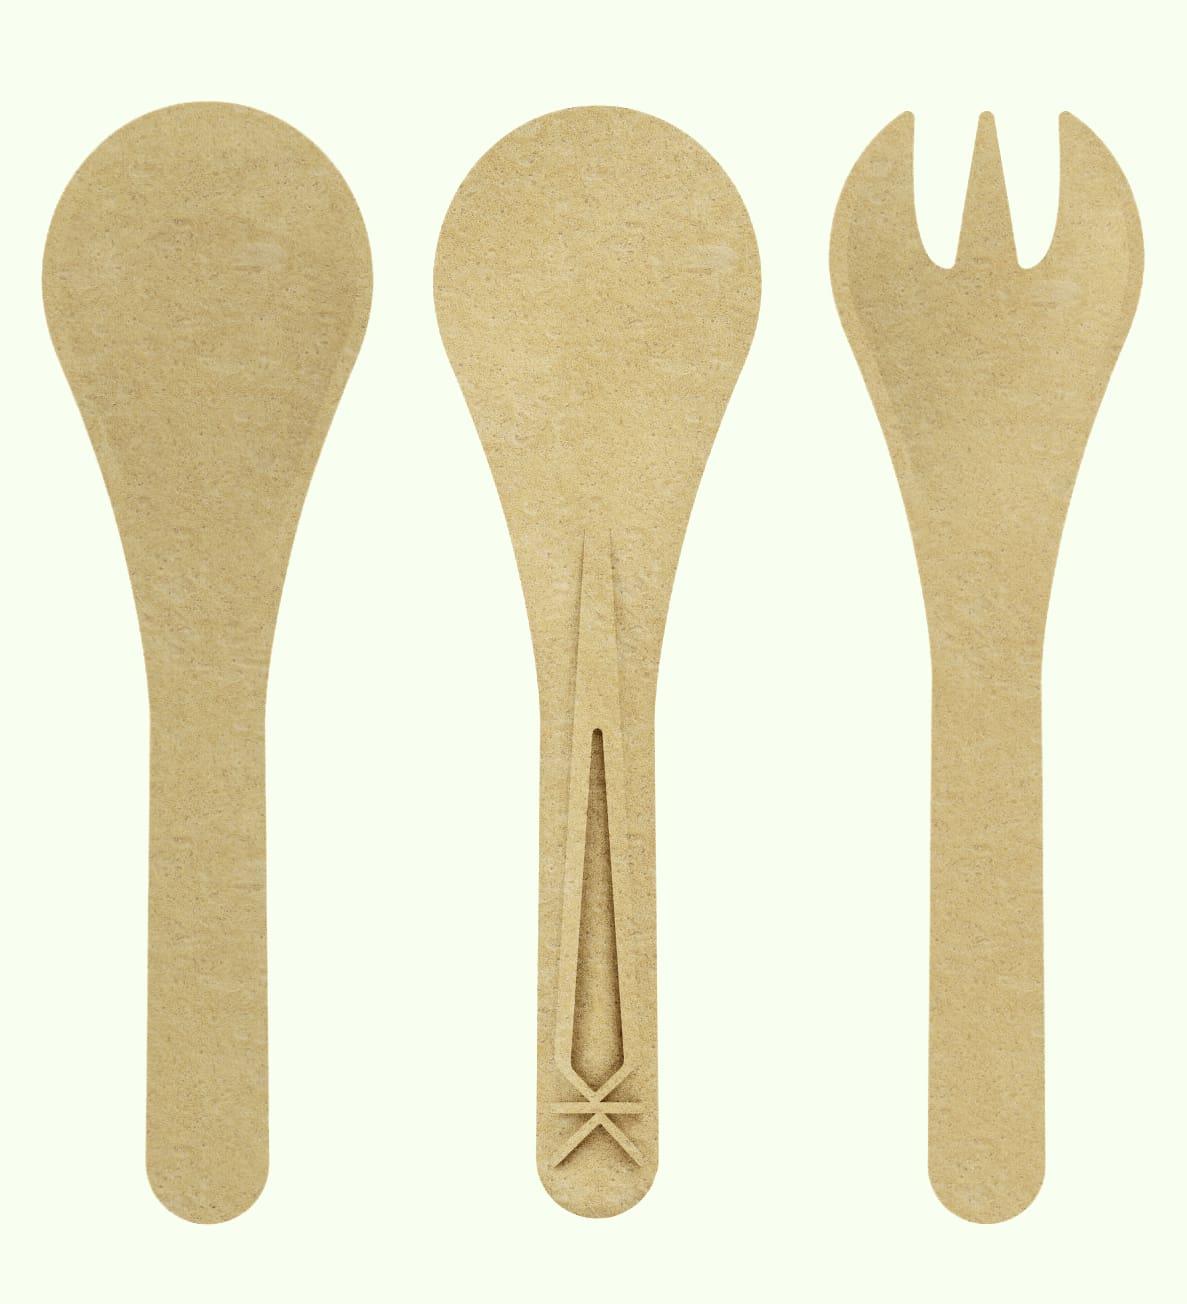 cuillere fourchette rhile6.png - KOOVEE, la fourchette comestible